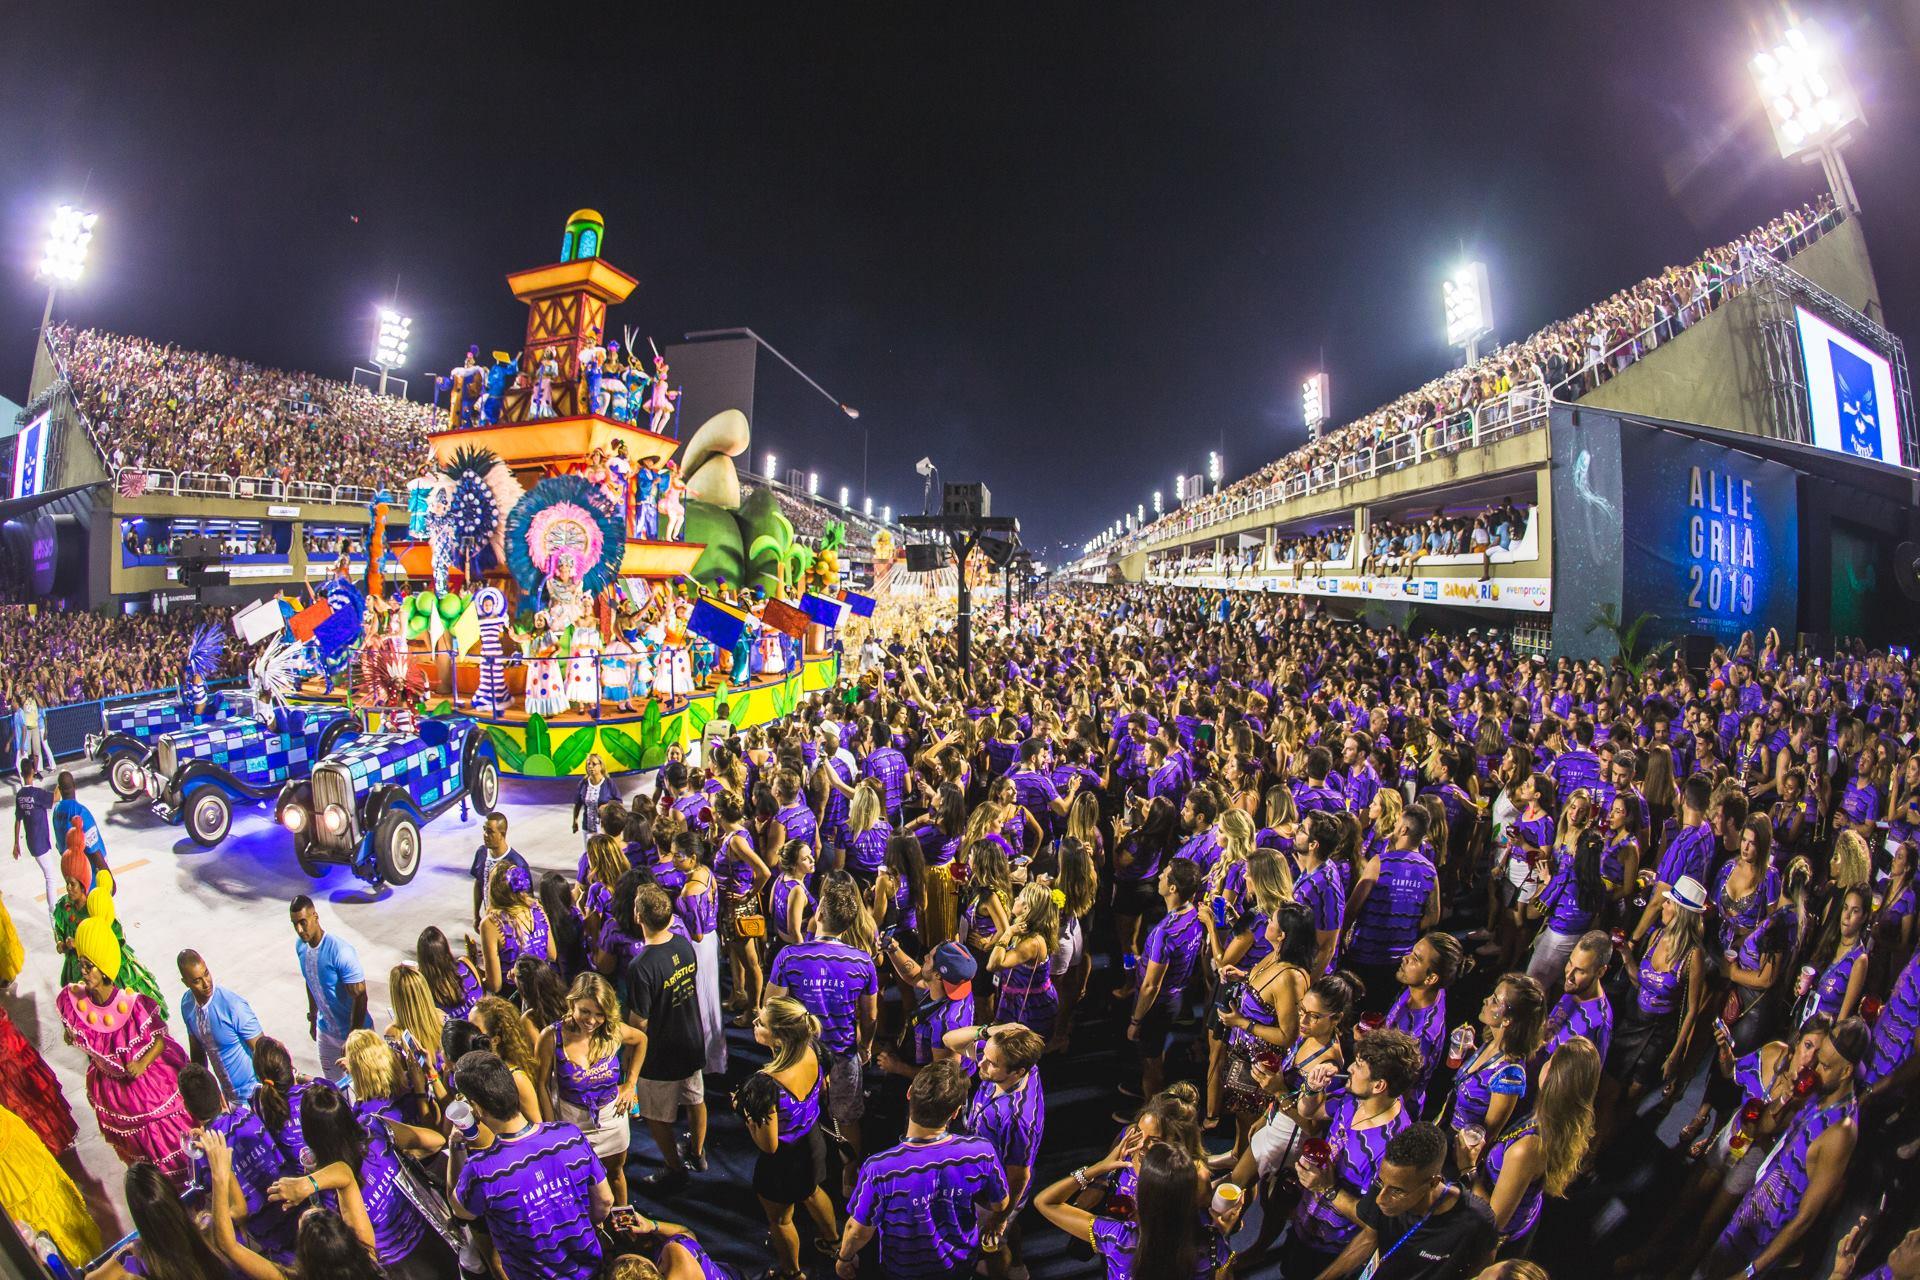 Confira quais são os camarotes mais badalados do Rio de Janeiro e São Paulo